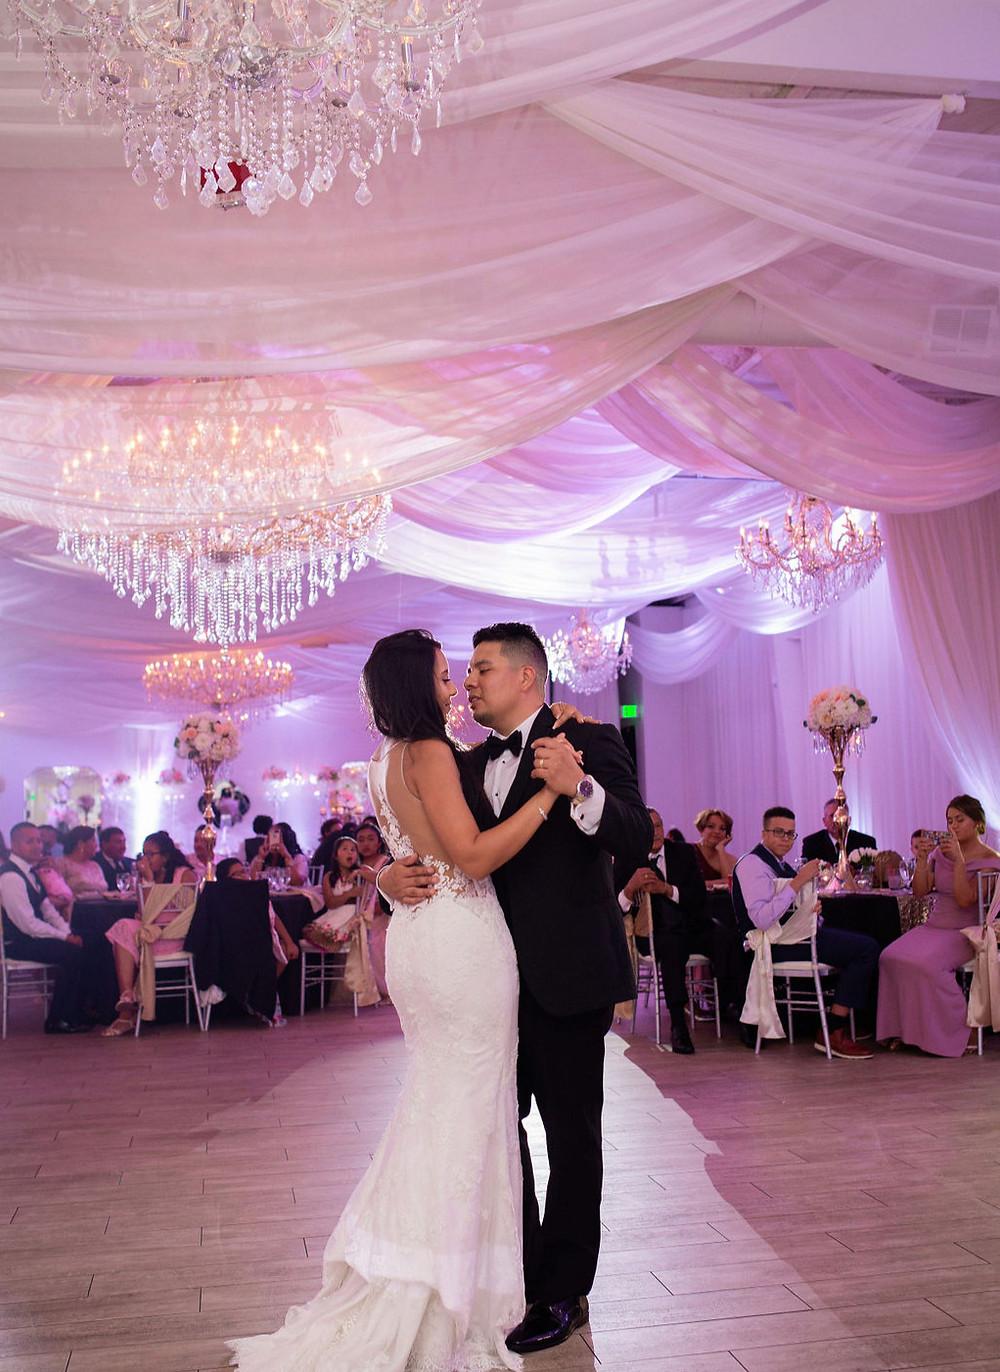 Wedding Entertainment at Crystal Ballroom North Tampa